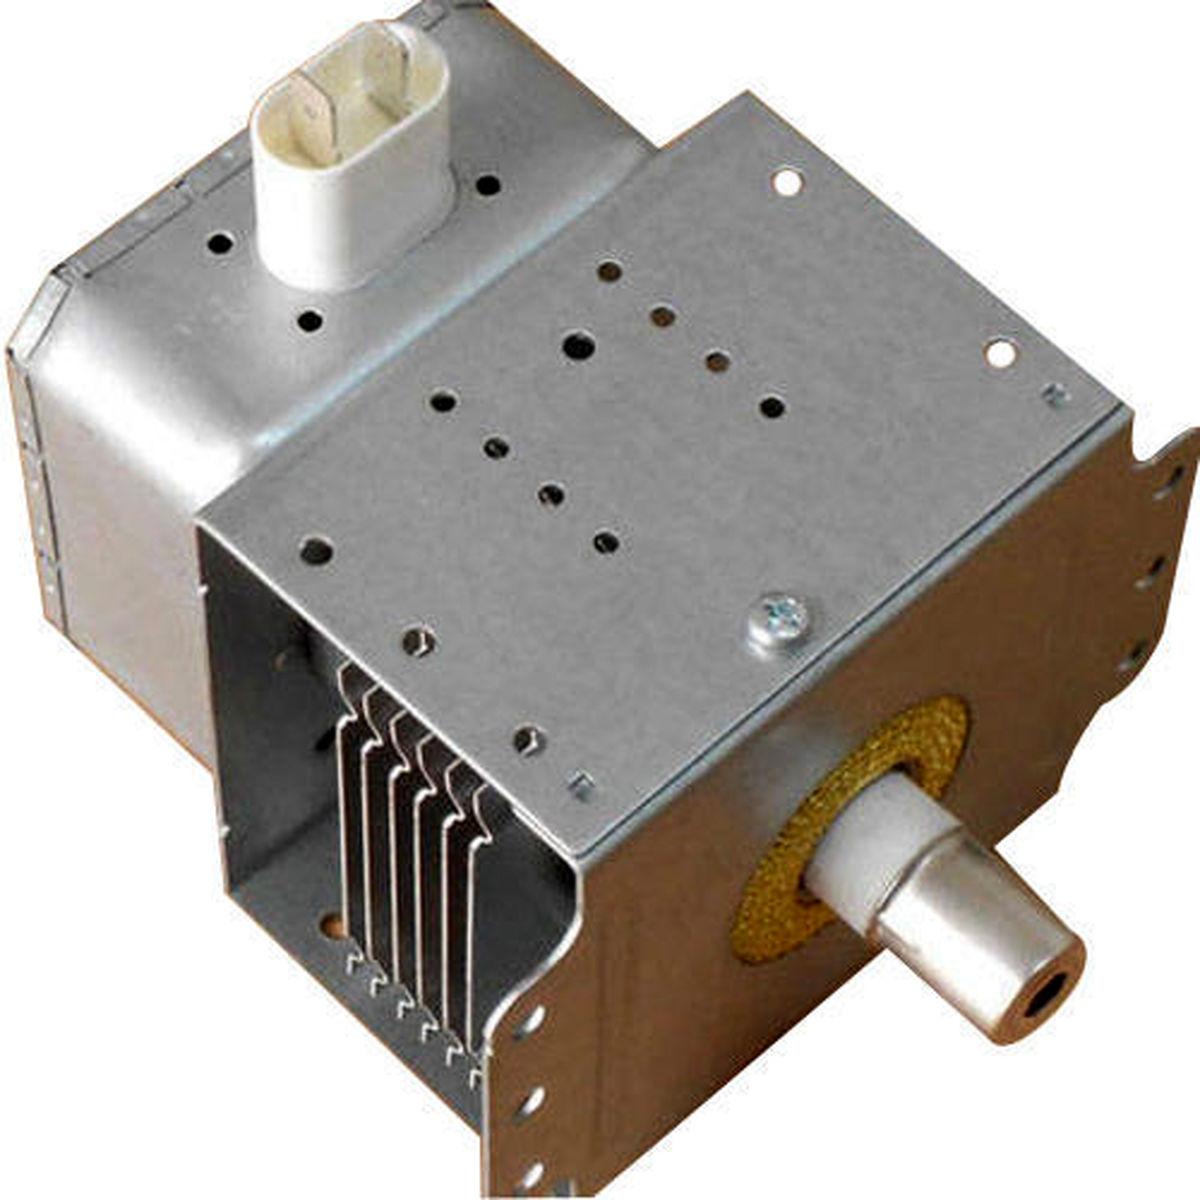 کاربرد لامپ مگنترون ماکروفر و دلایل خرابی مگنترون چیست؟